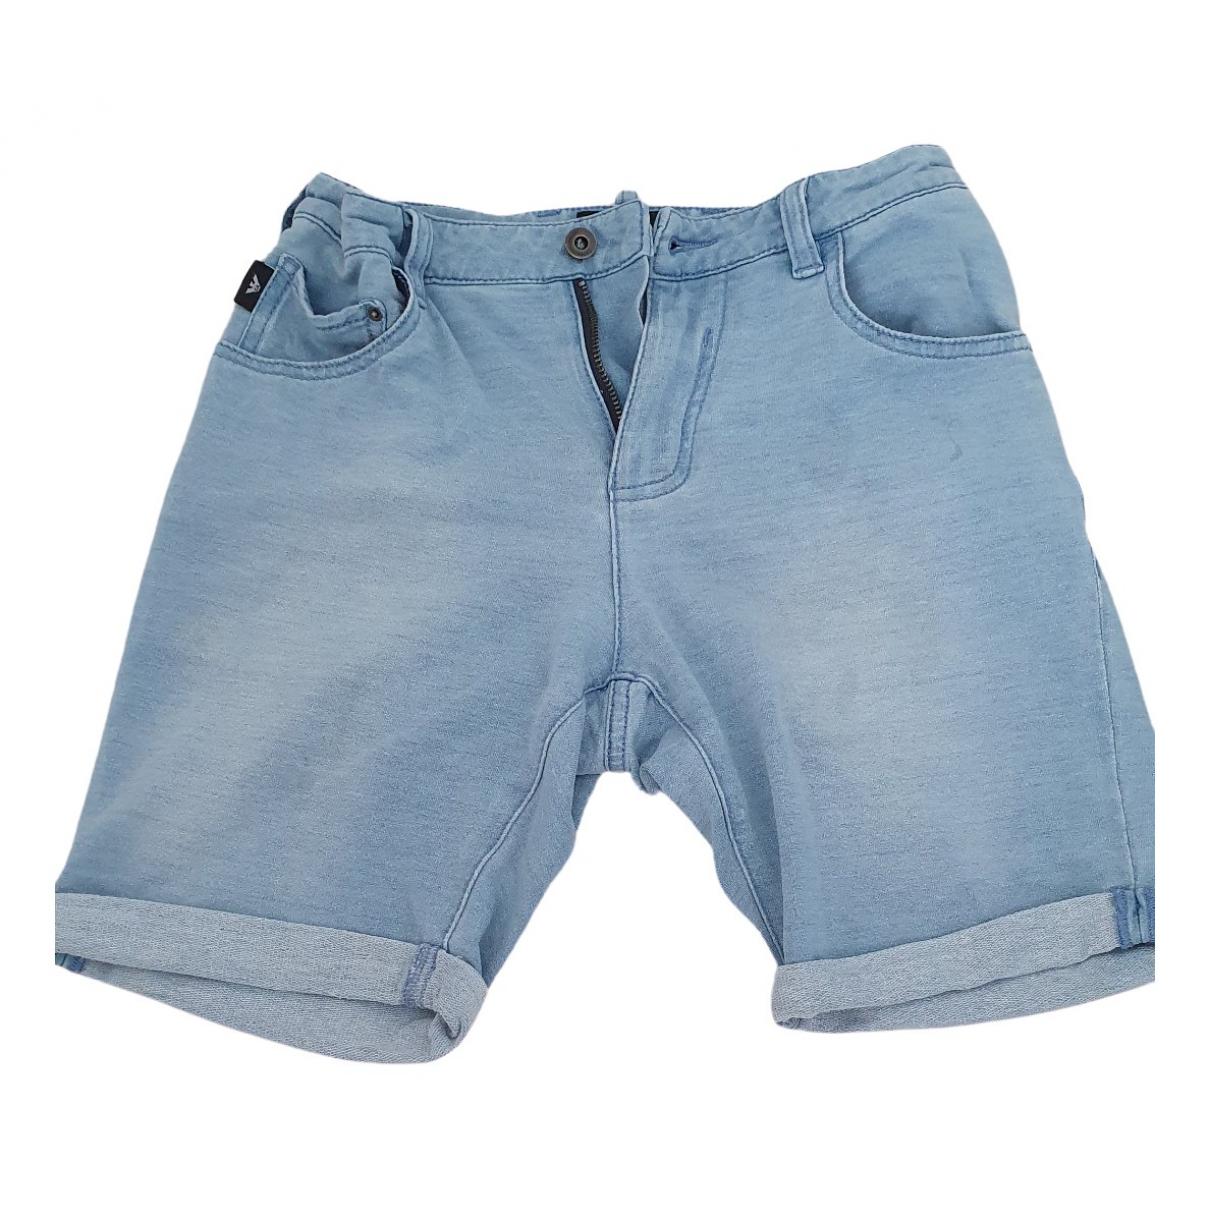 Pantalon corto Emporio Armani